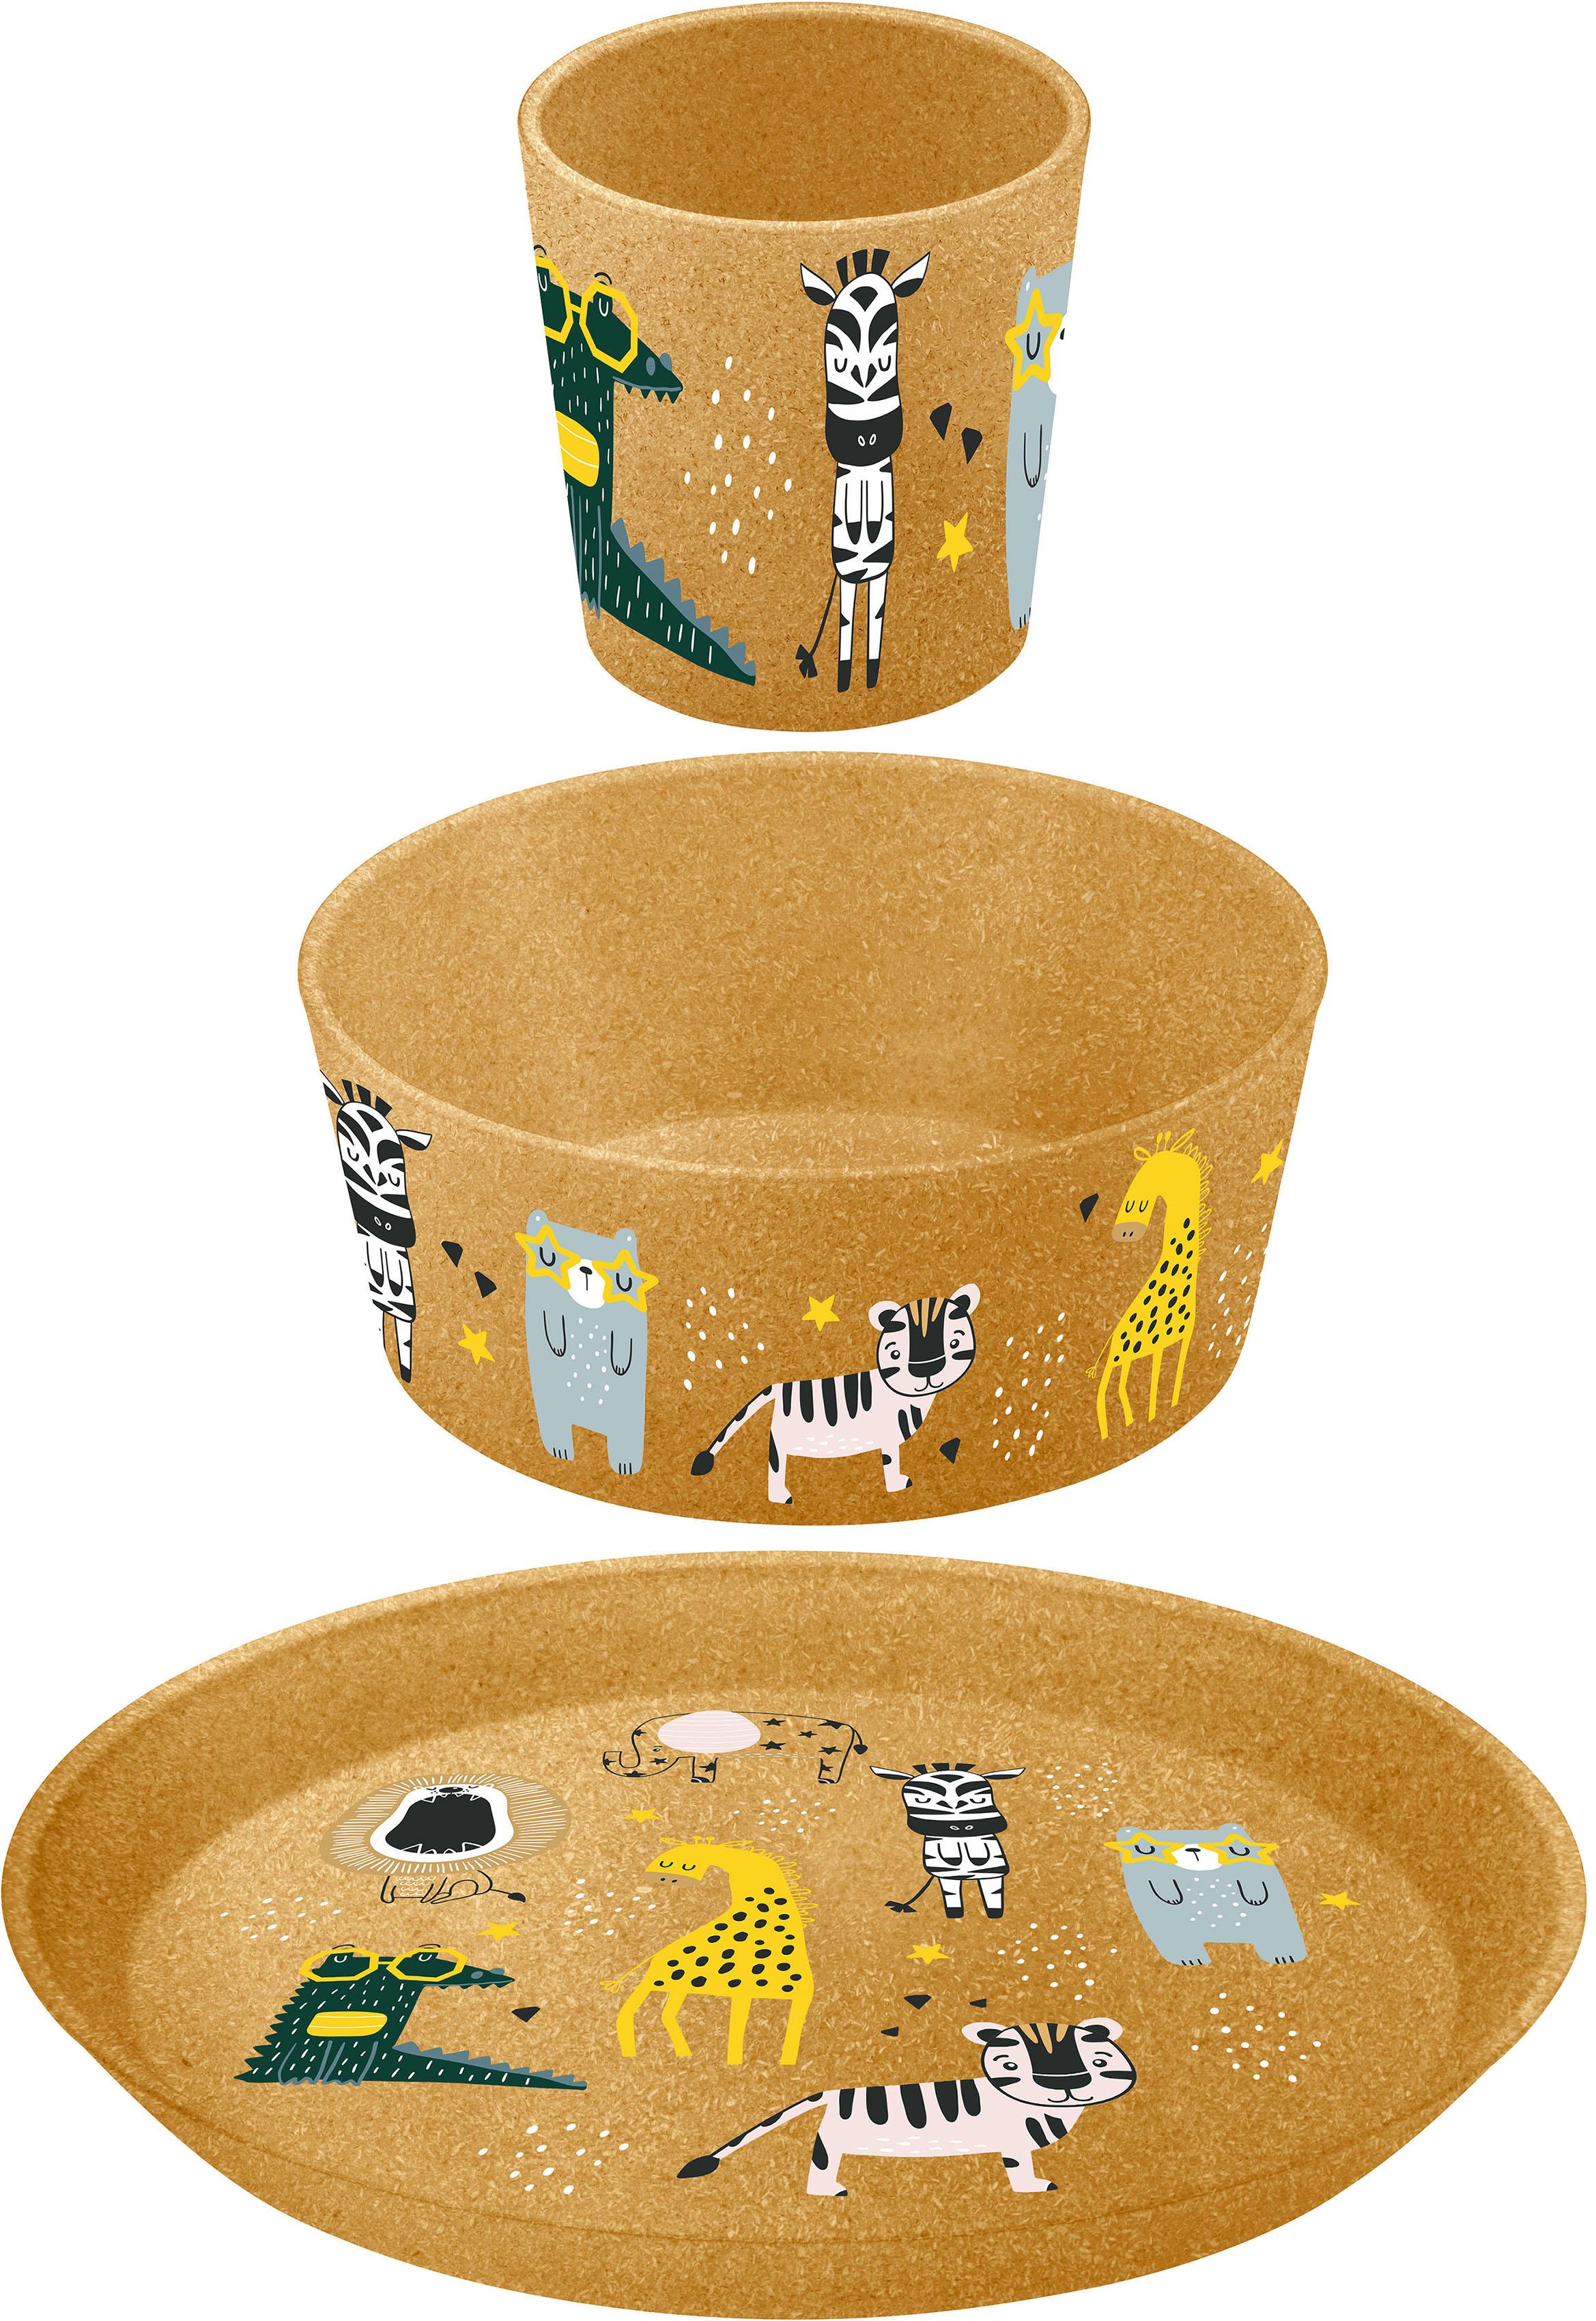 KOZIOL Kindergeschirr-Set 3er-Set Kleiner Teller + Schale Becher CONNECT ZOO, (Set, 3 tlg., Becher), CO2 neutrale Produktion 100% made in Germany, melaminfrei, recycelbar braun Kinder Kindergeschirr Geschirr, Porzellan Tischaccessoires Haushaltswaren